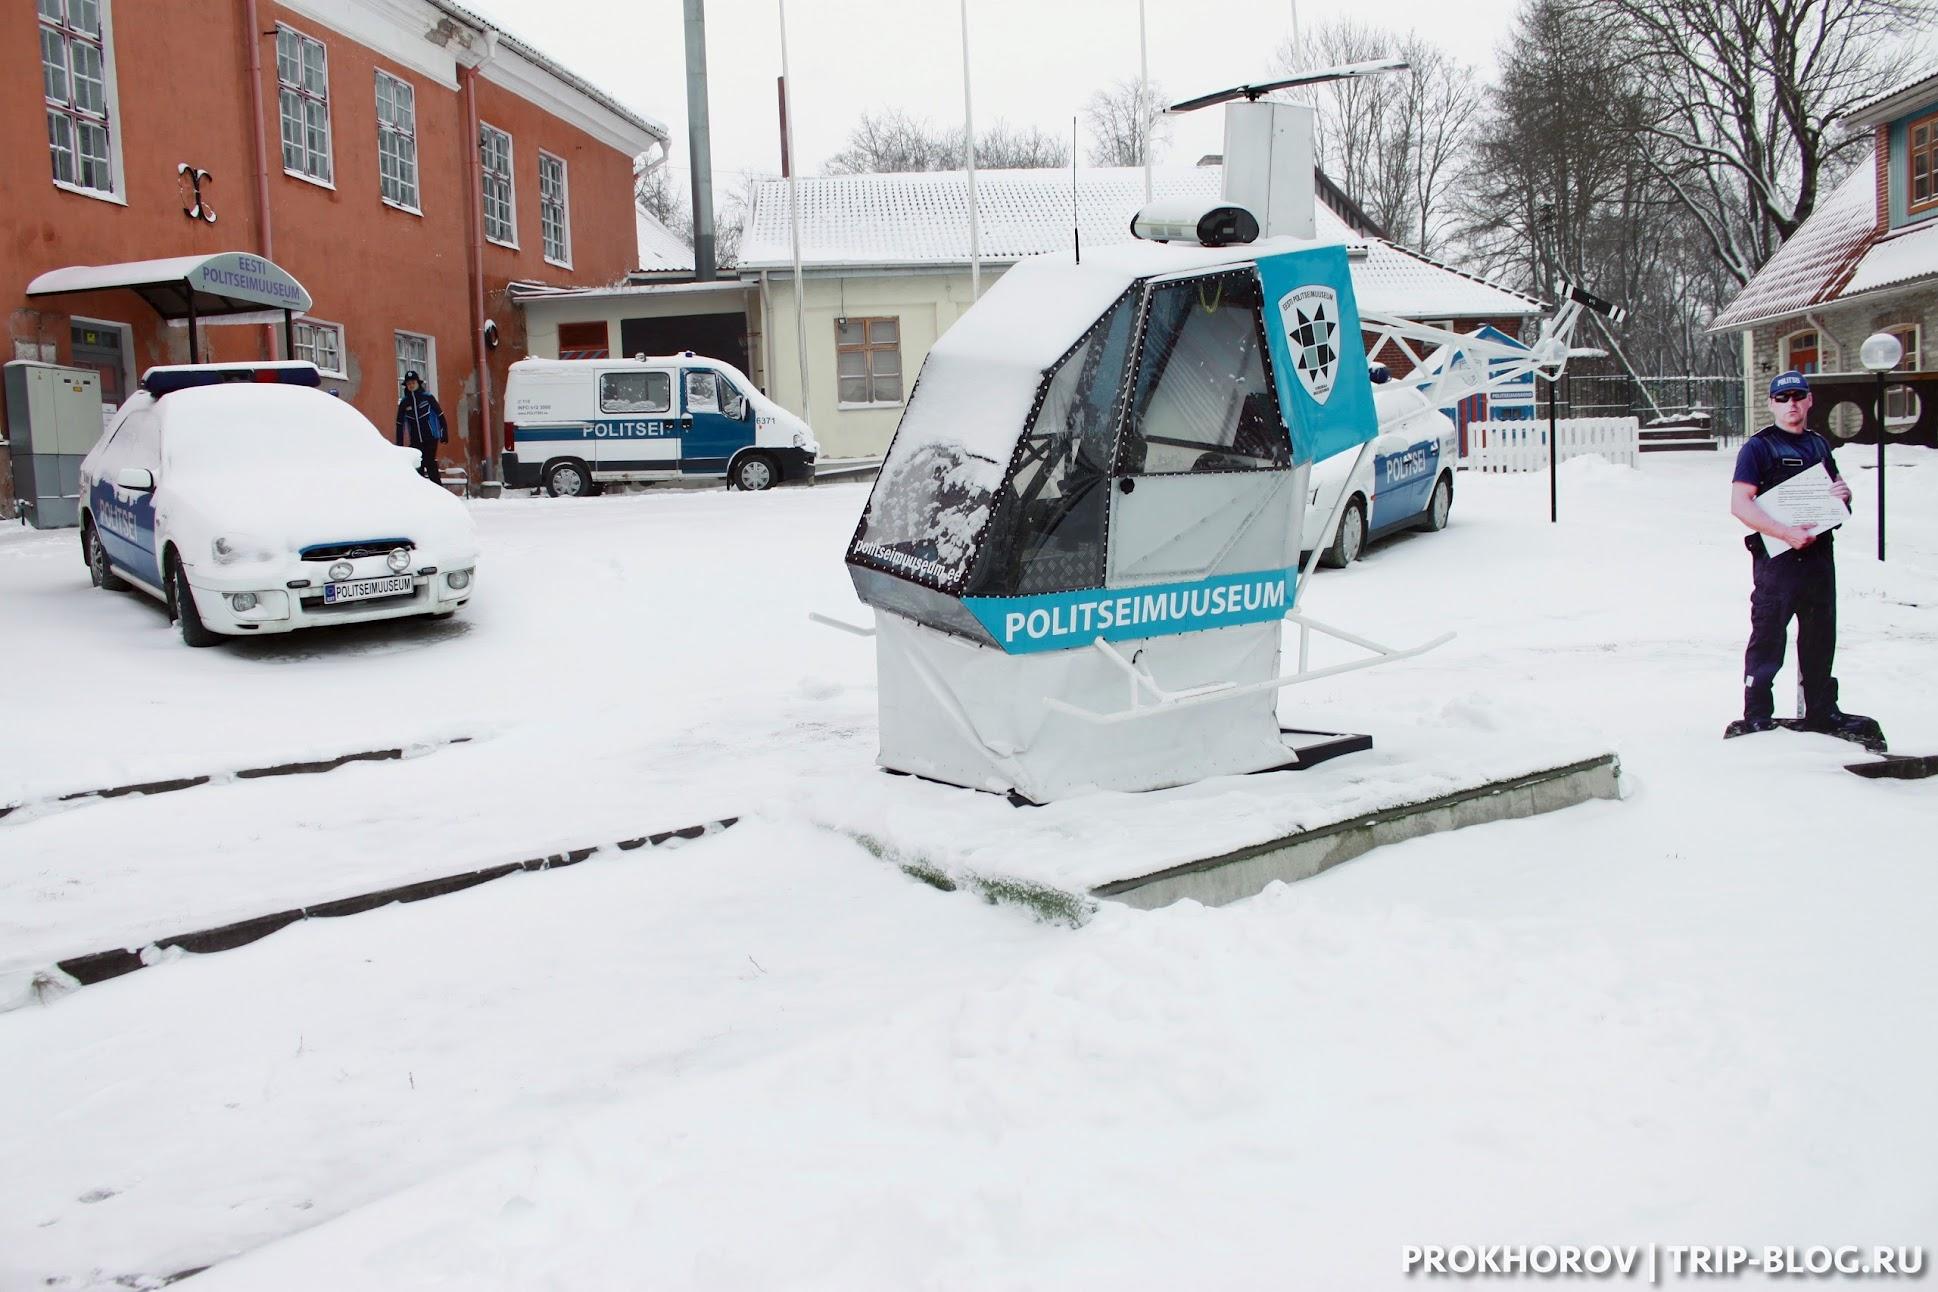 Музей эстонской полиции в Раквере